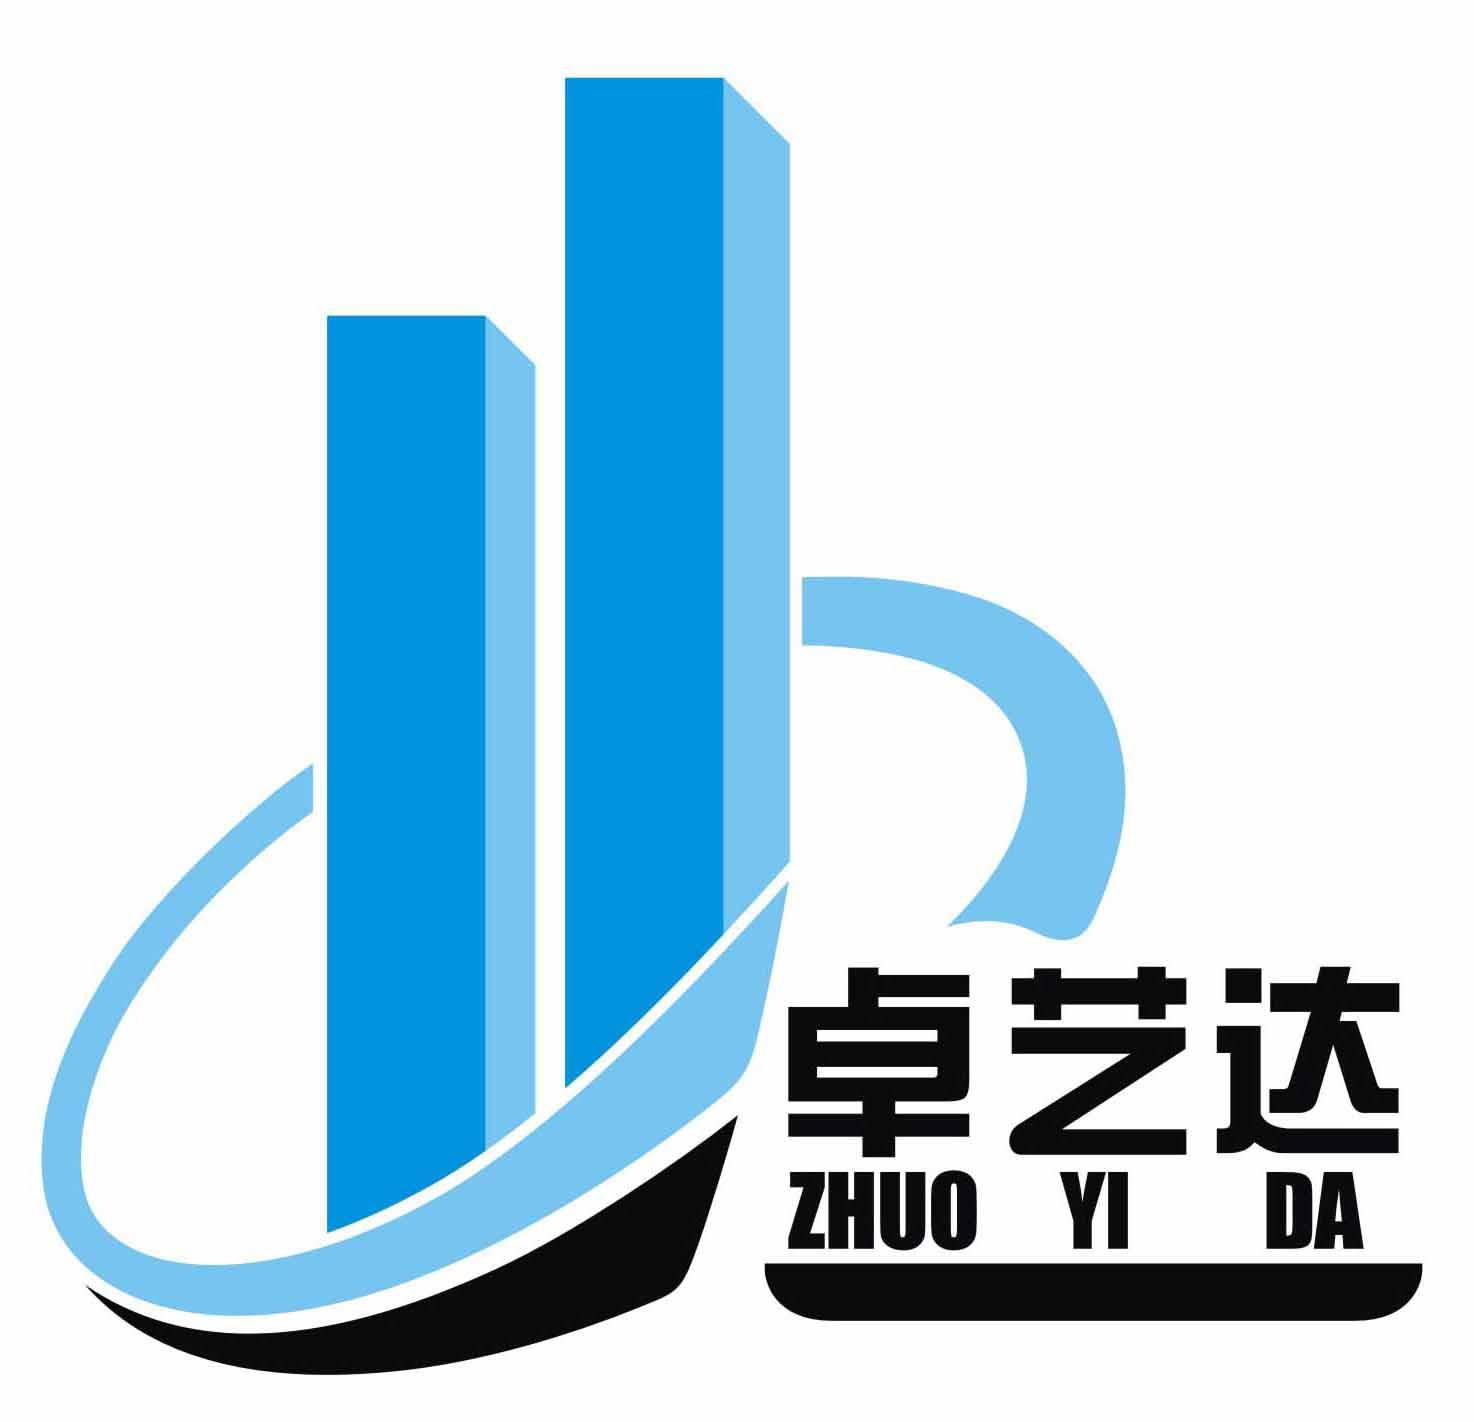 深圳卓艺达装饰设计工程有限公司